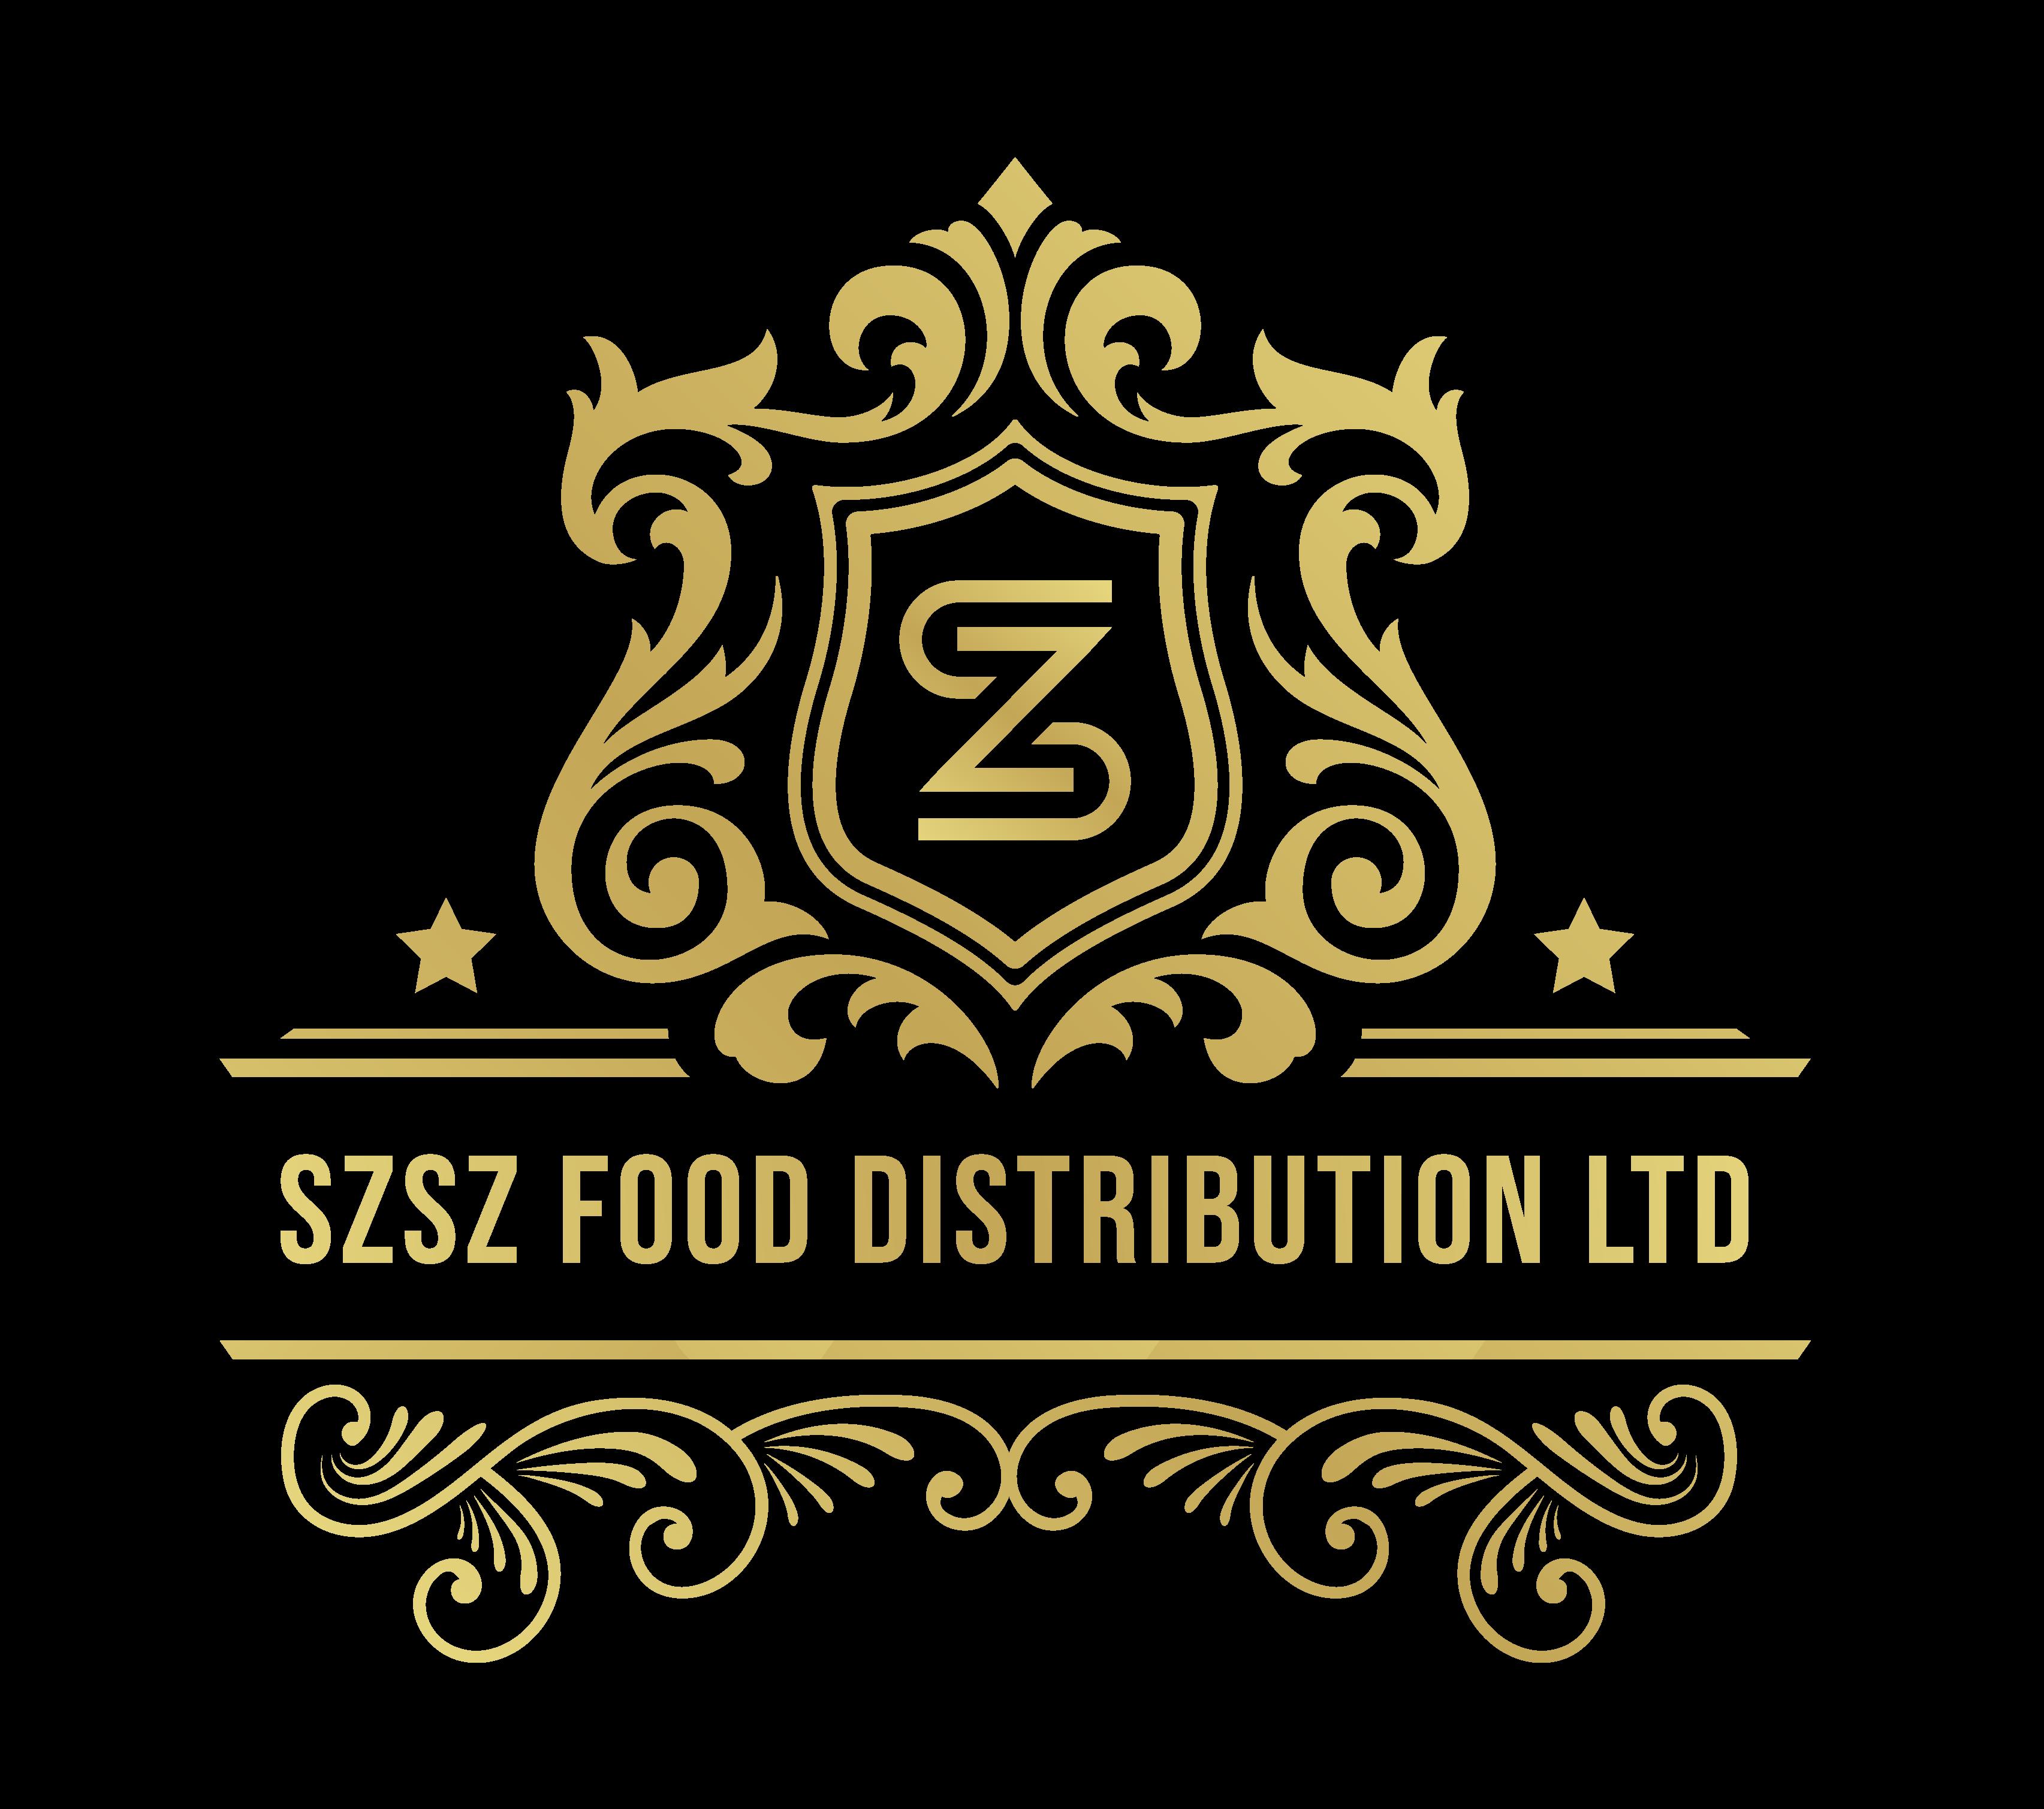 SZSZ Food